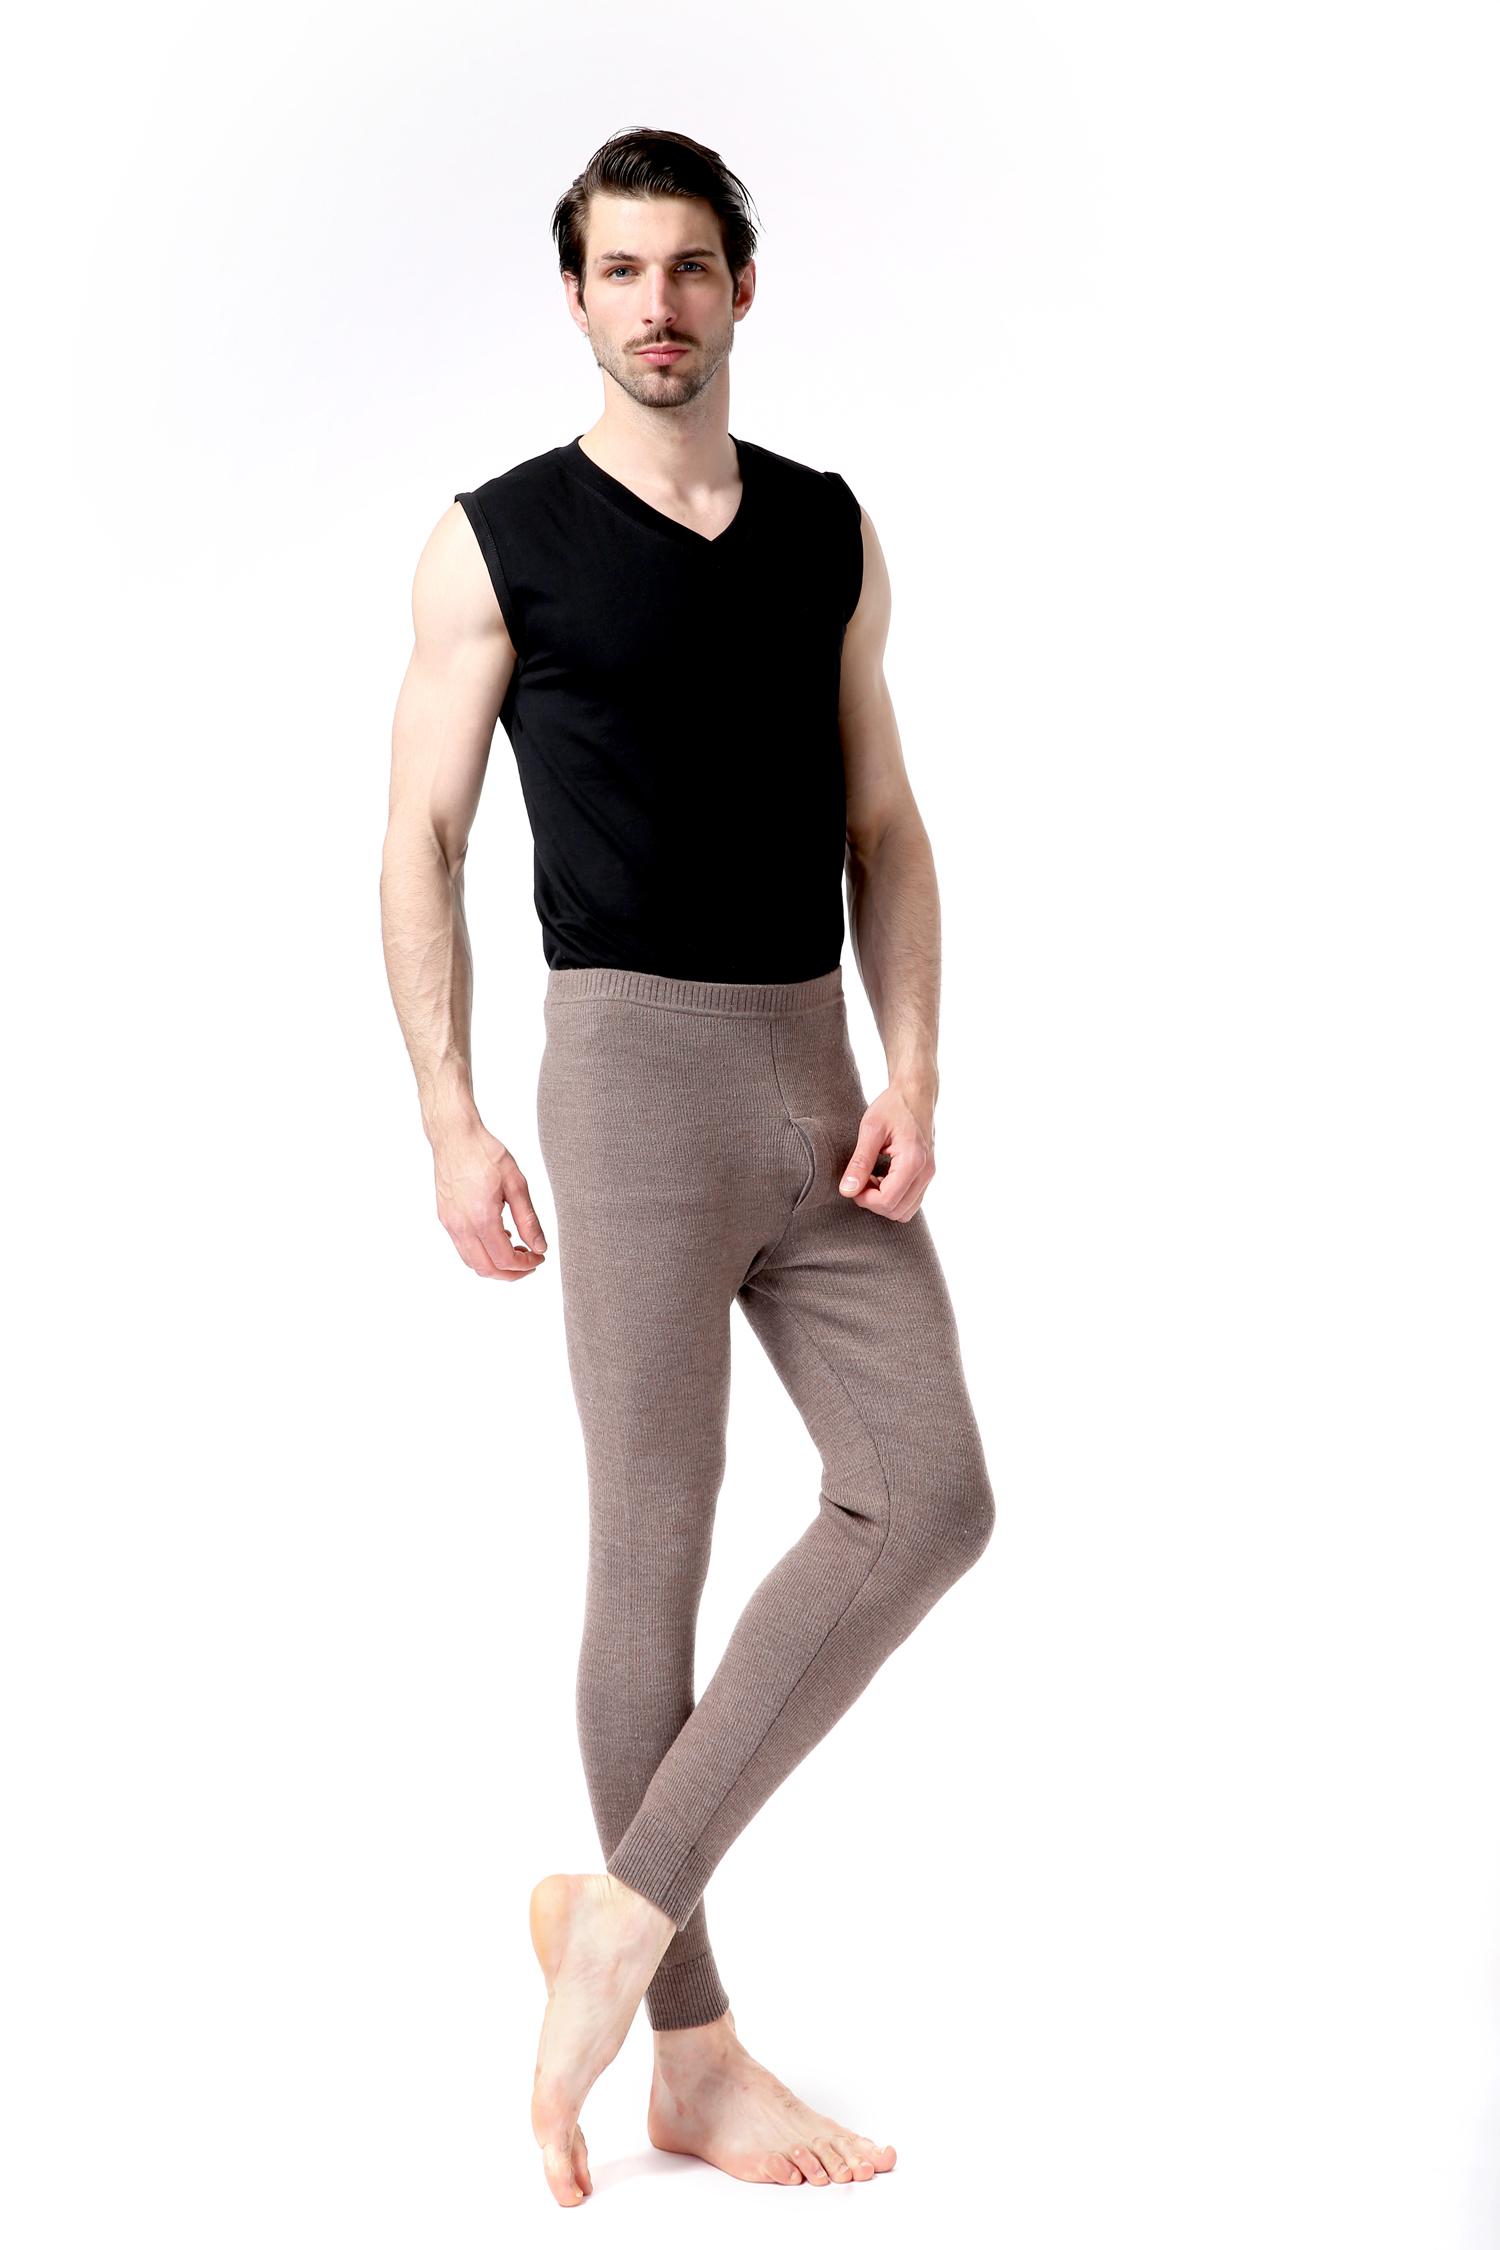 中昊绒业专业提供销量最好的都兰诺斯澳毛男抽条裤批发